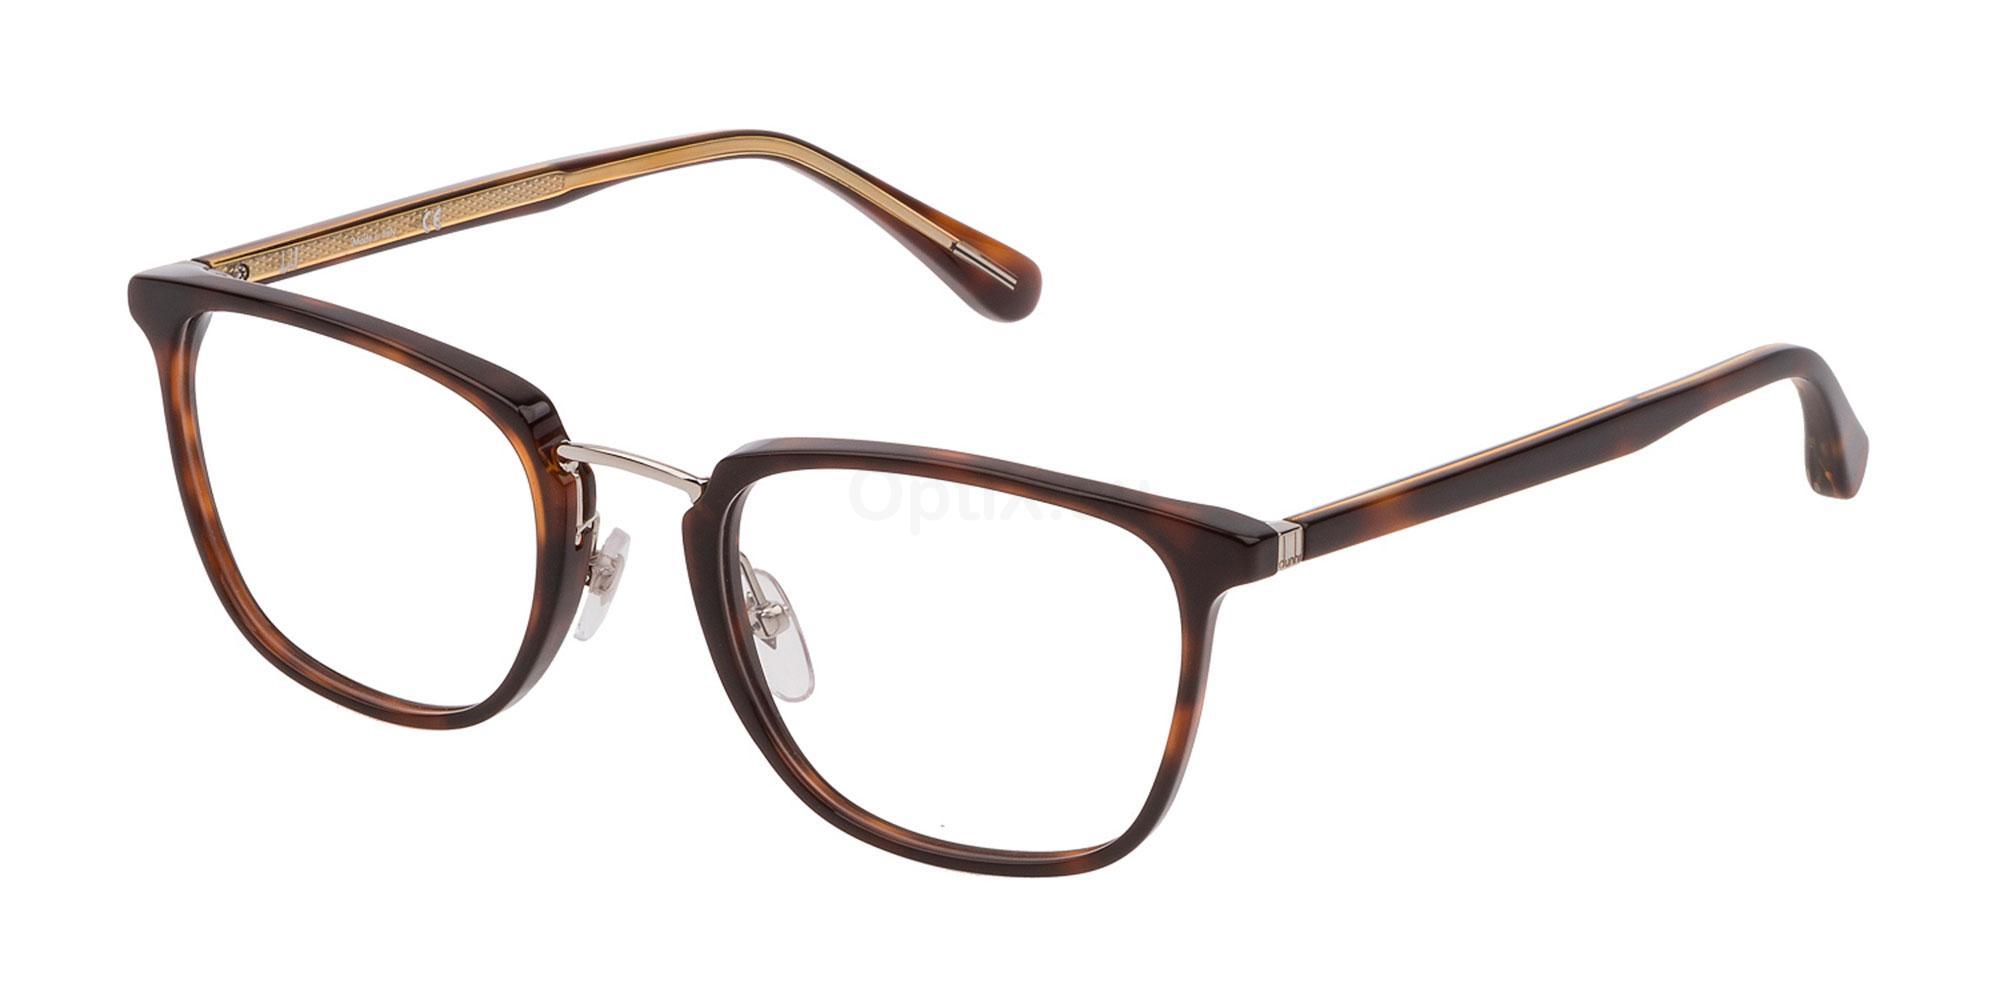 01AY VDH163 Glasses, Dunhill London